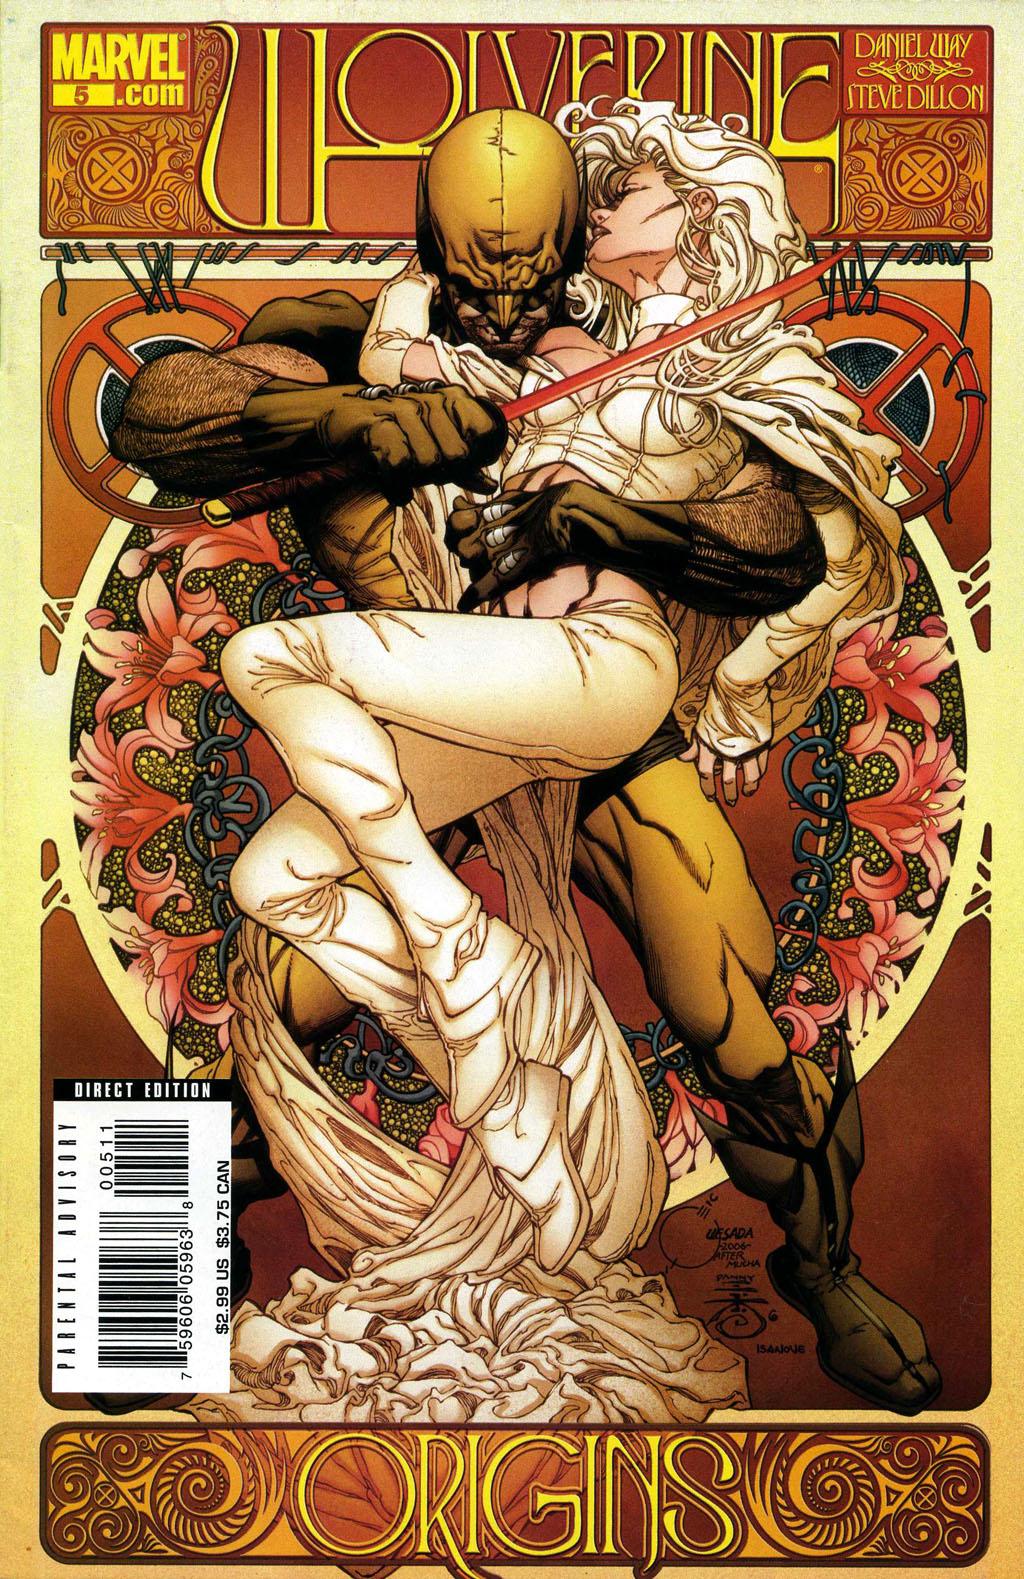 Read online Wolverine: Origins comic -  Issue #5 - 1